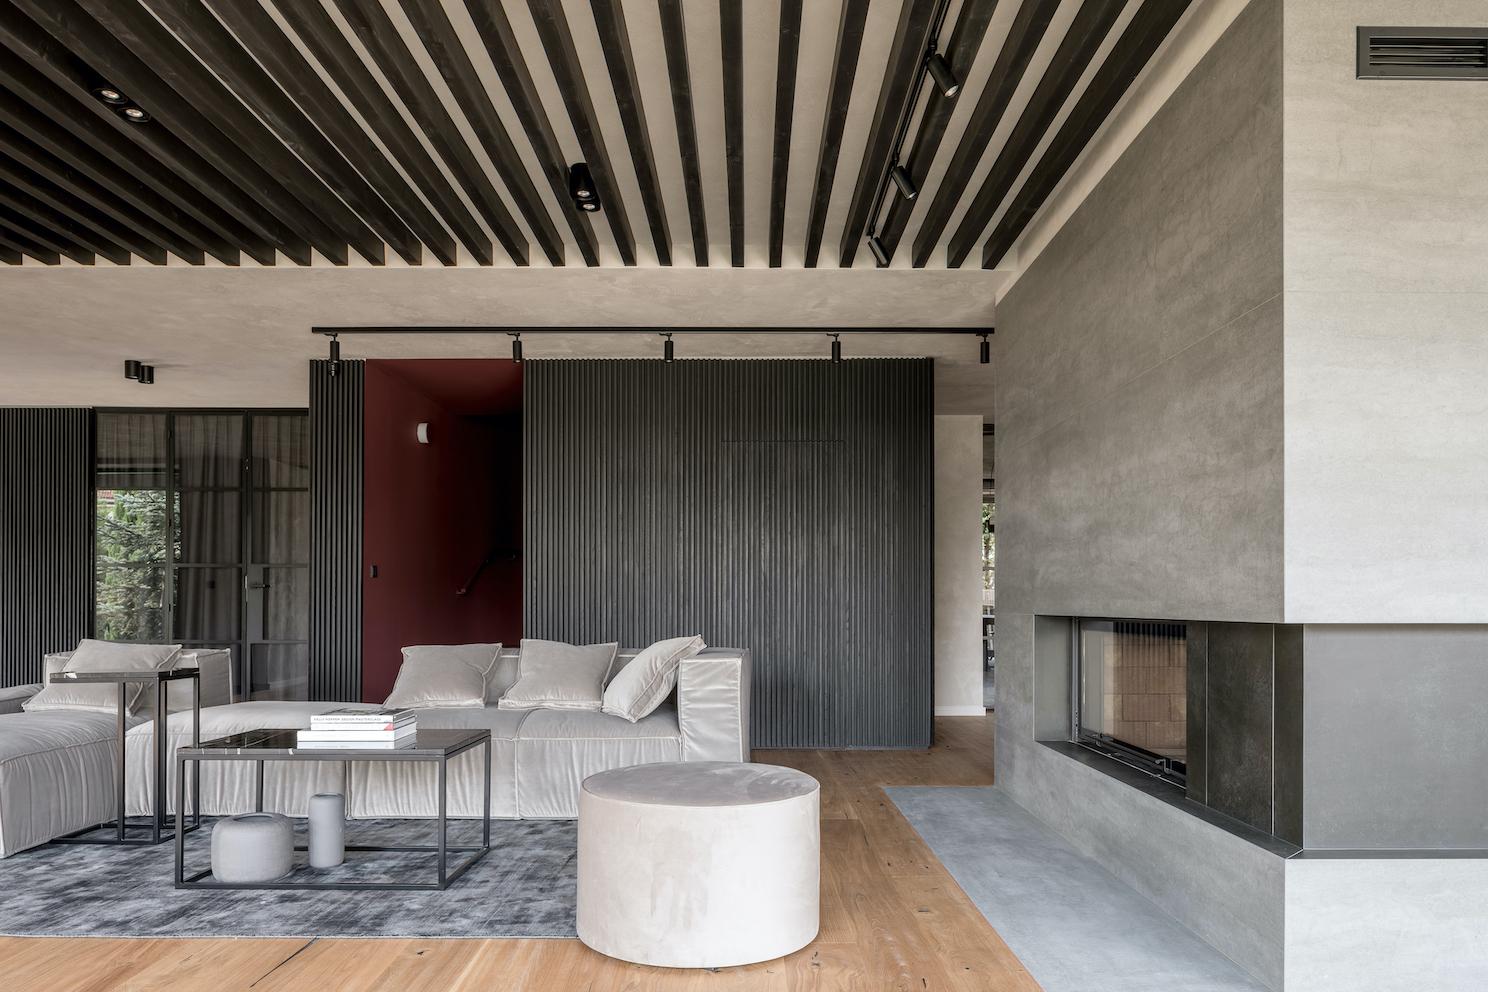 płyty z betonu architektonicznego na ścianie